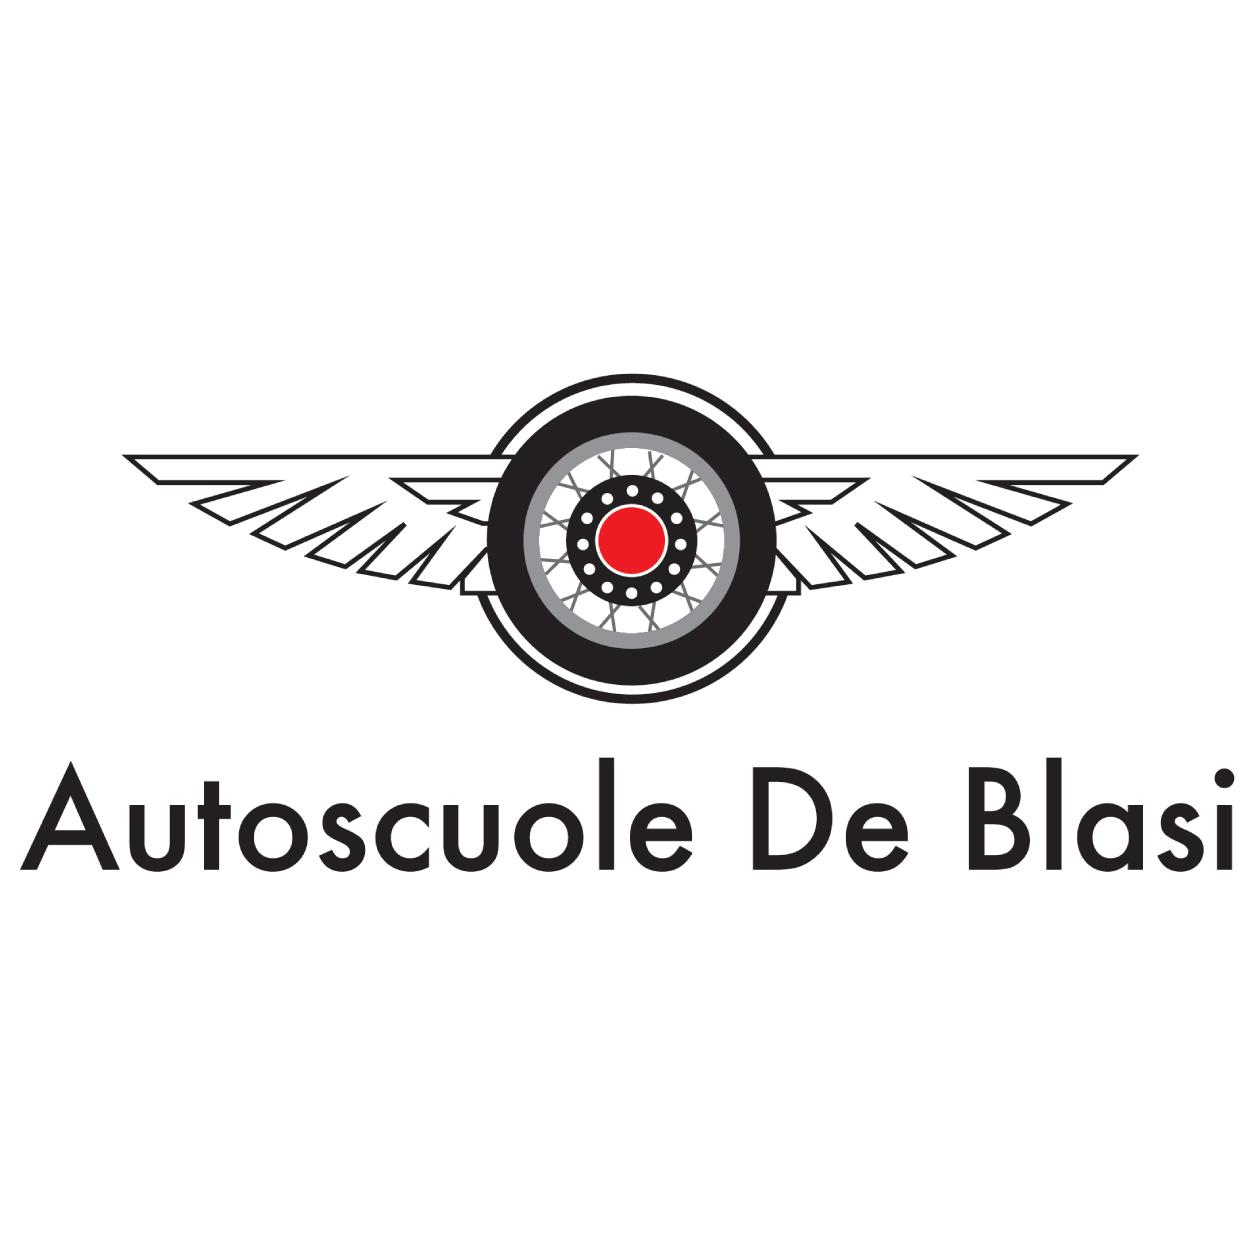 Autoscuole De Blasi_Tavola disegno 1